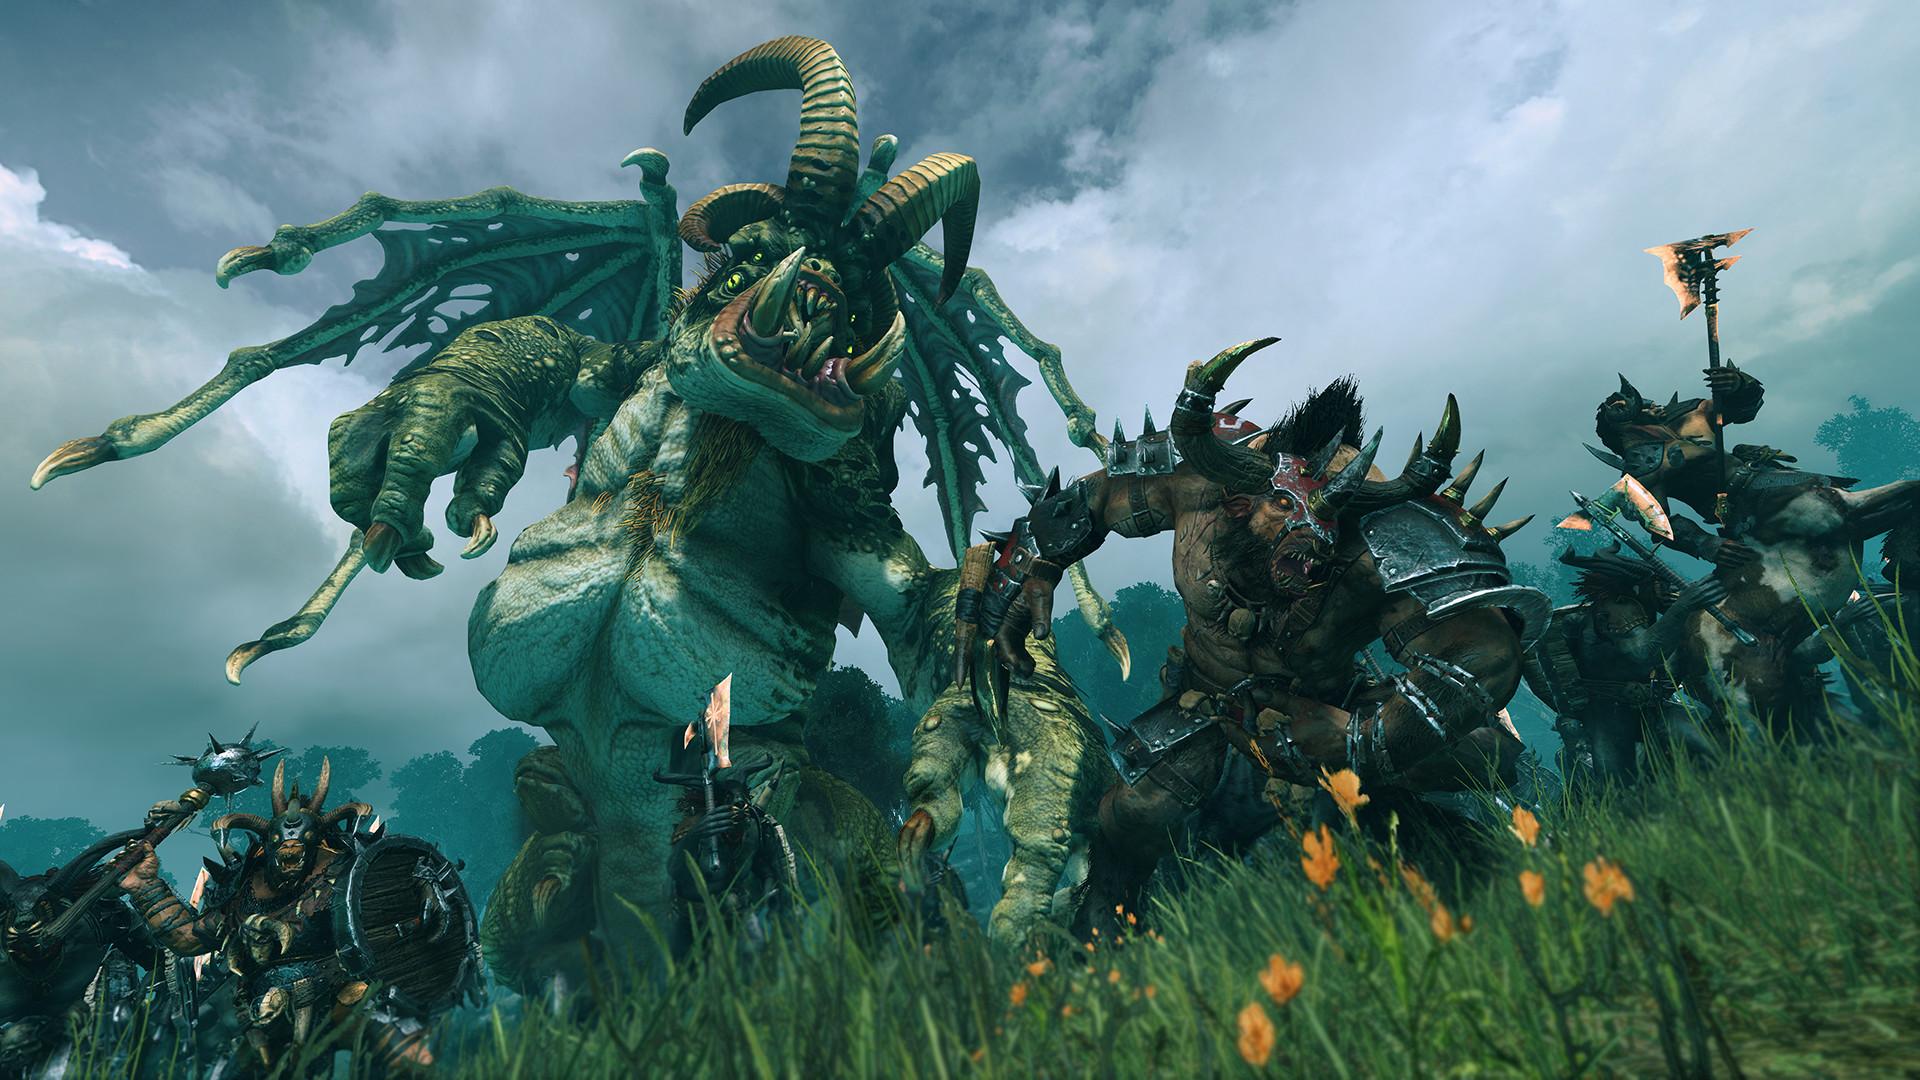 A Jabberslythe monster from Total War Warhammer 2